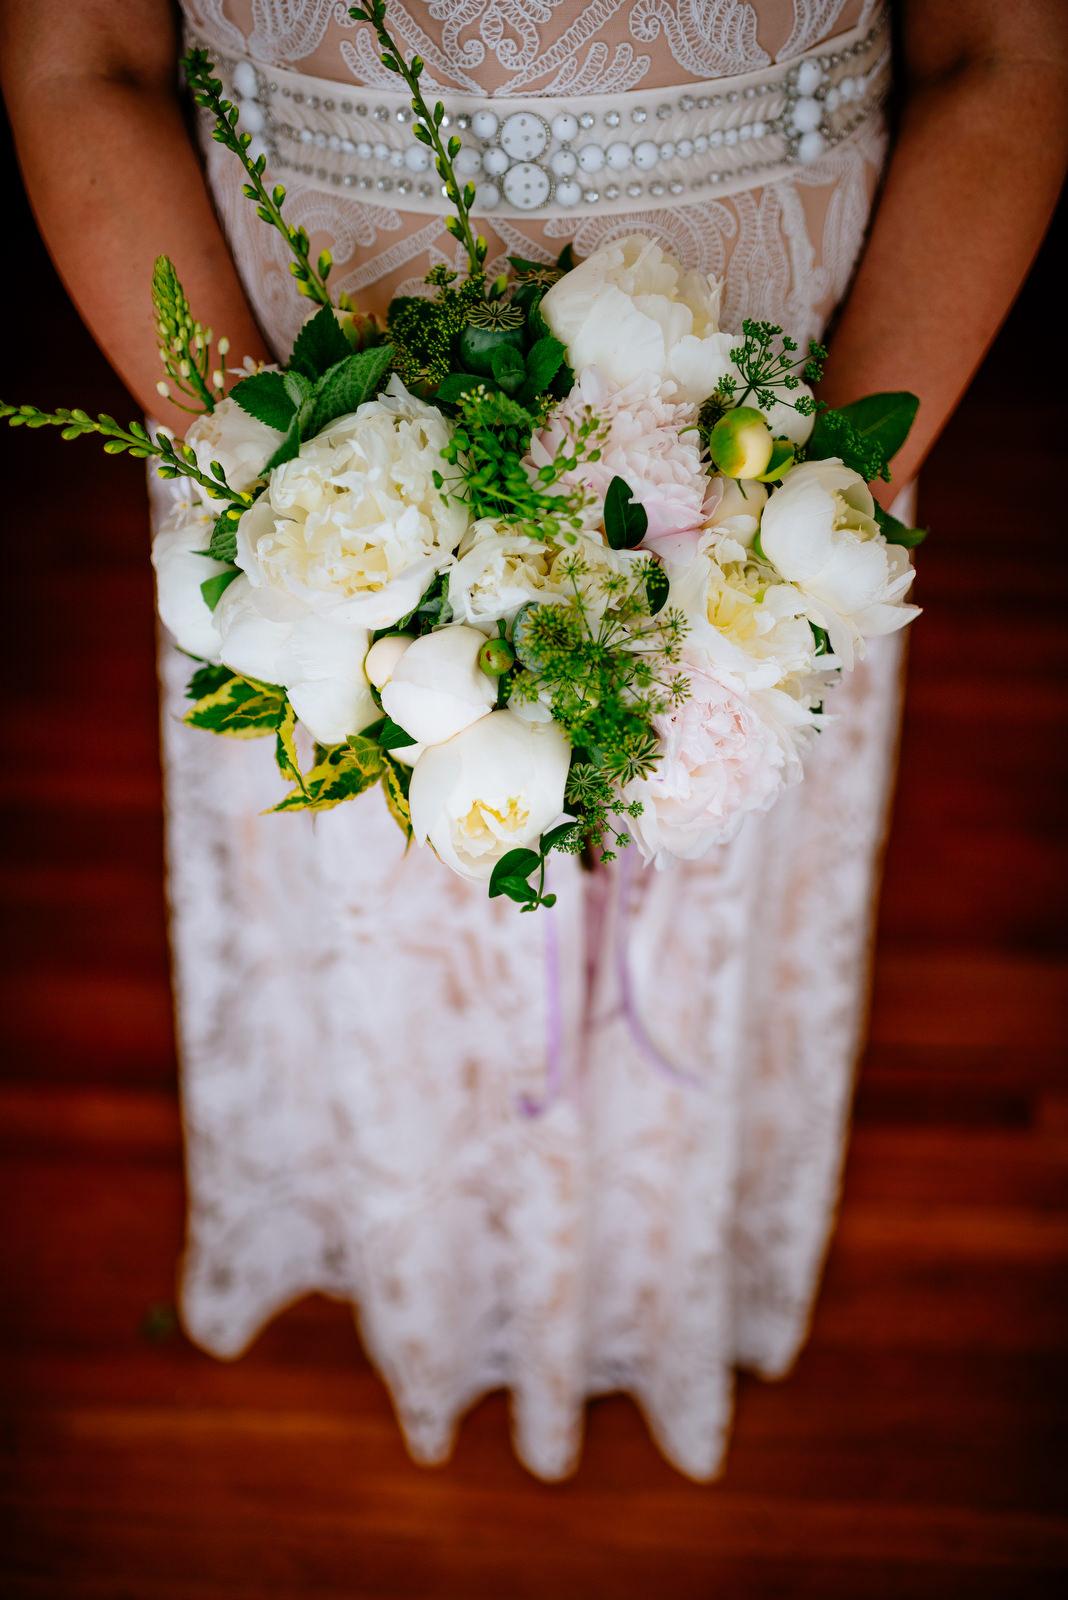 hazelfield farms bouquet holly hill inn wedding lexington ky